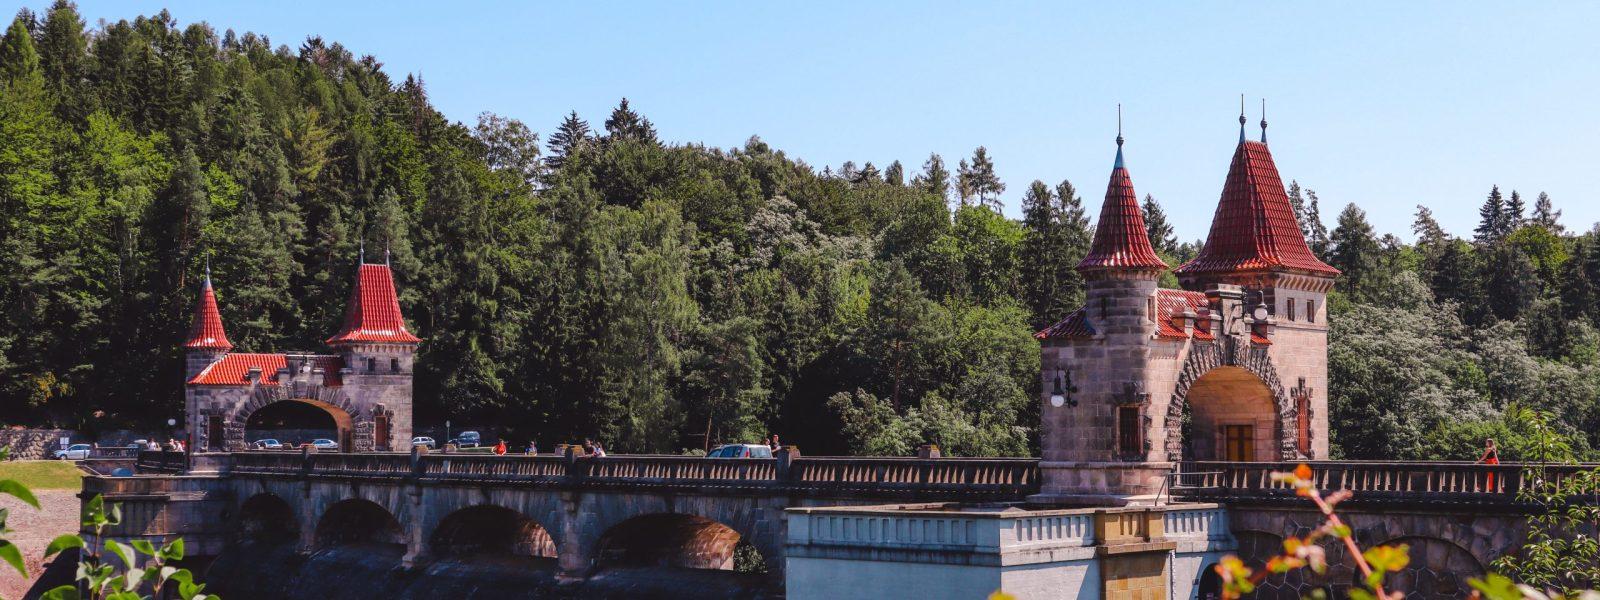 De Forest River Dam, een sprookjesachtig bouwwerk in Tsjechië